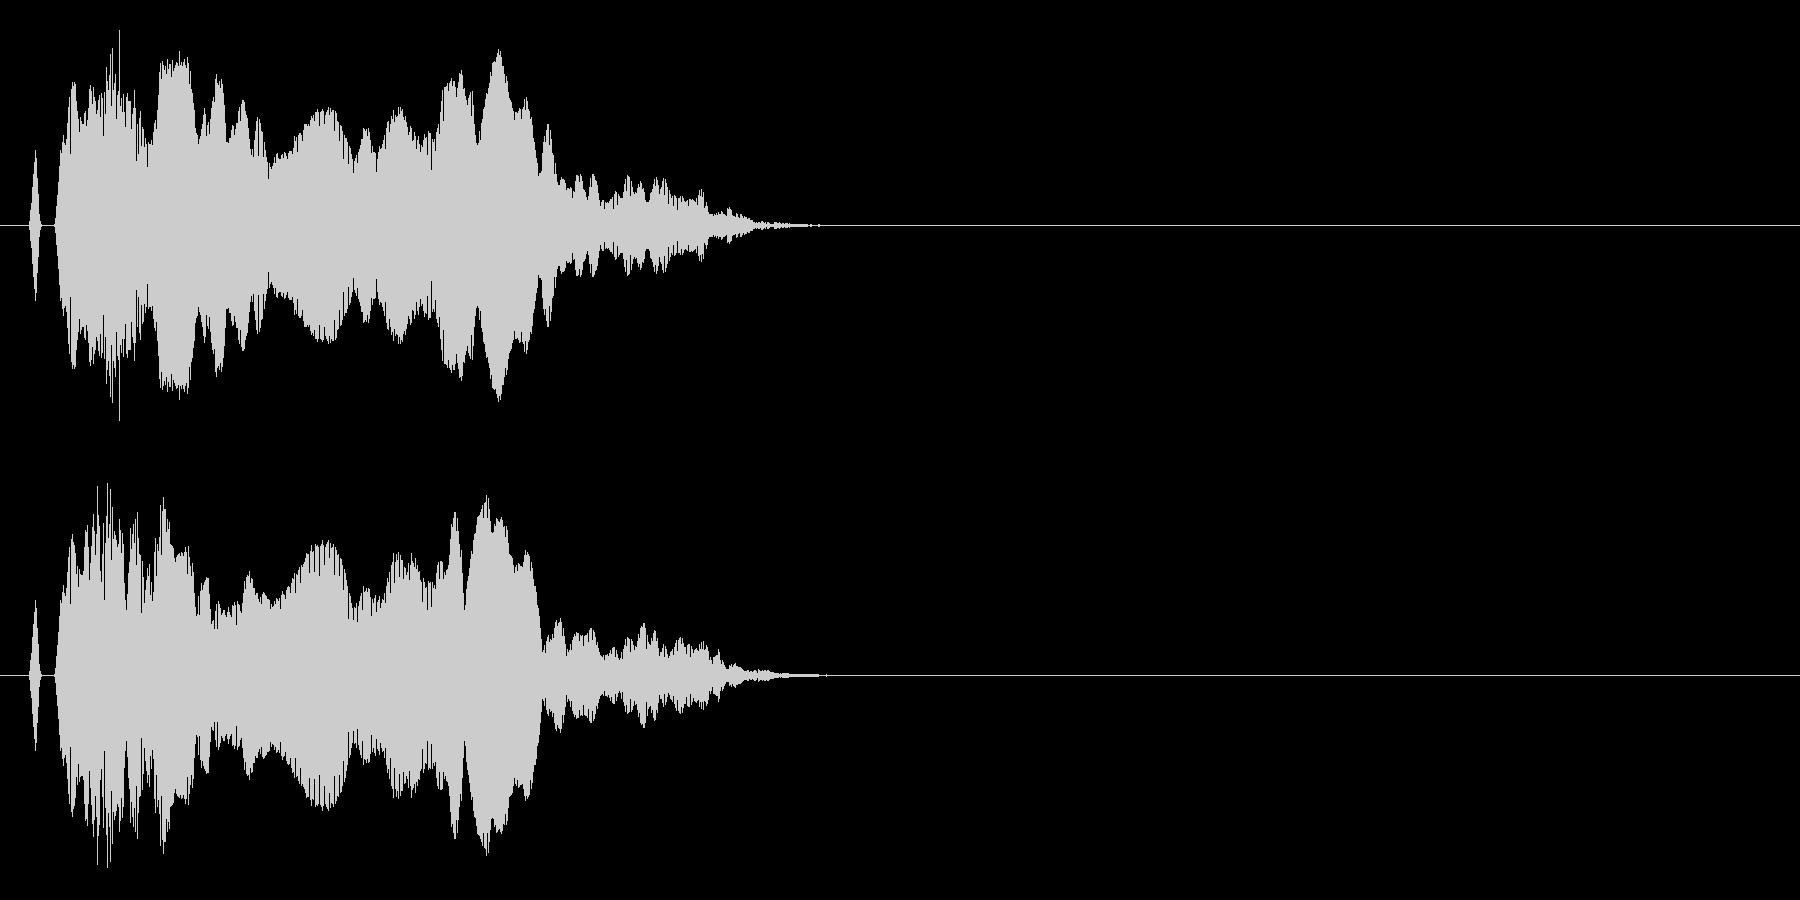 ニャ〜!猫の鳴き声 効果音14の未再生の波形